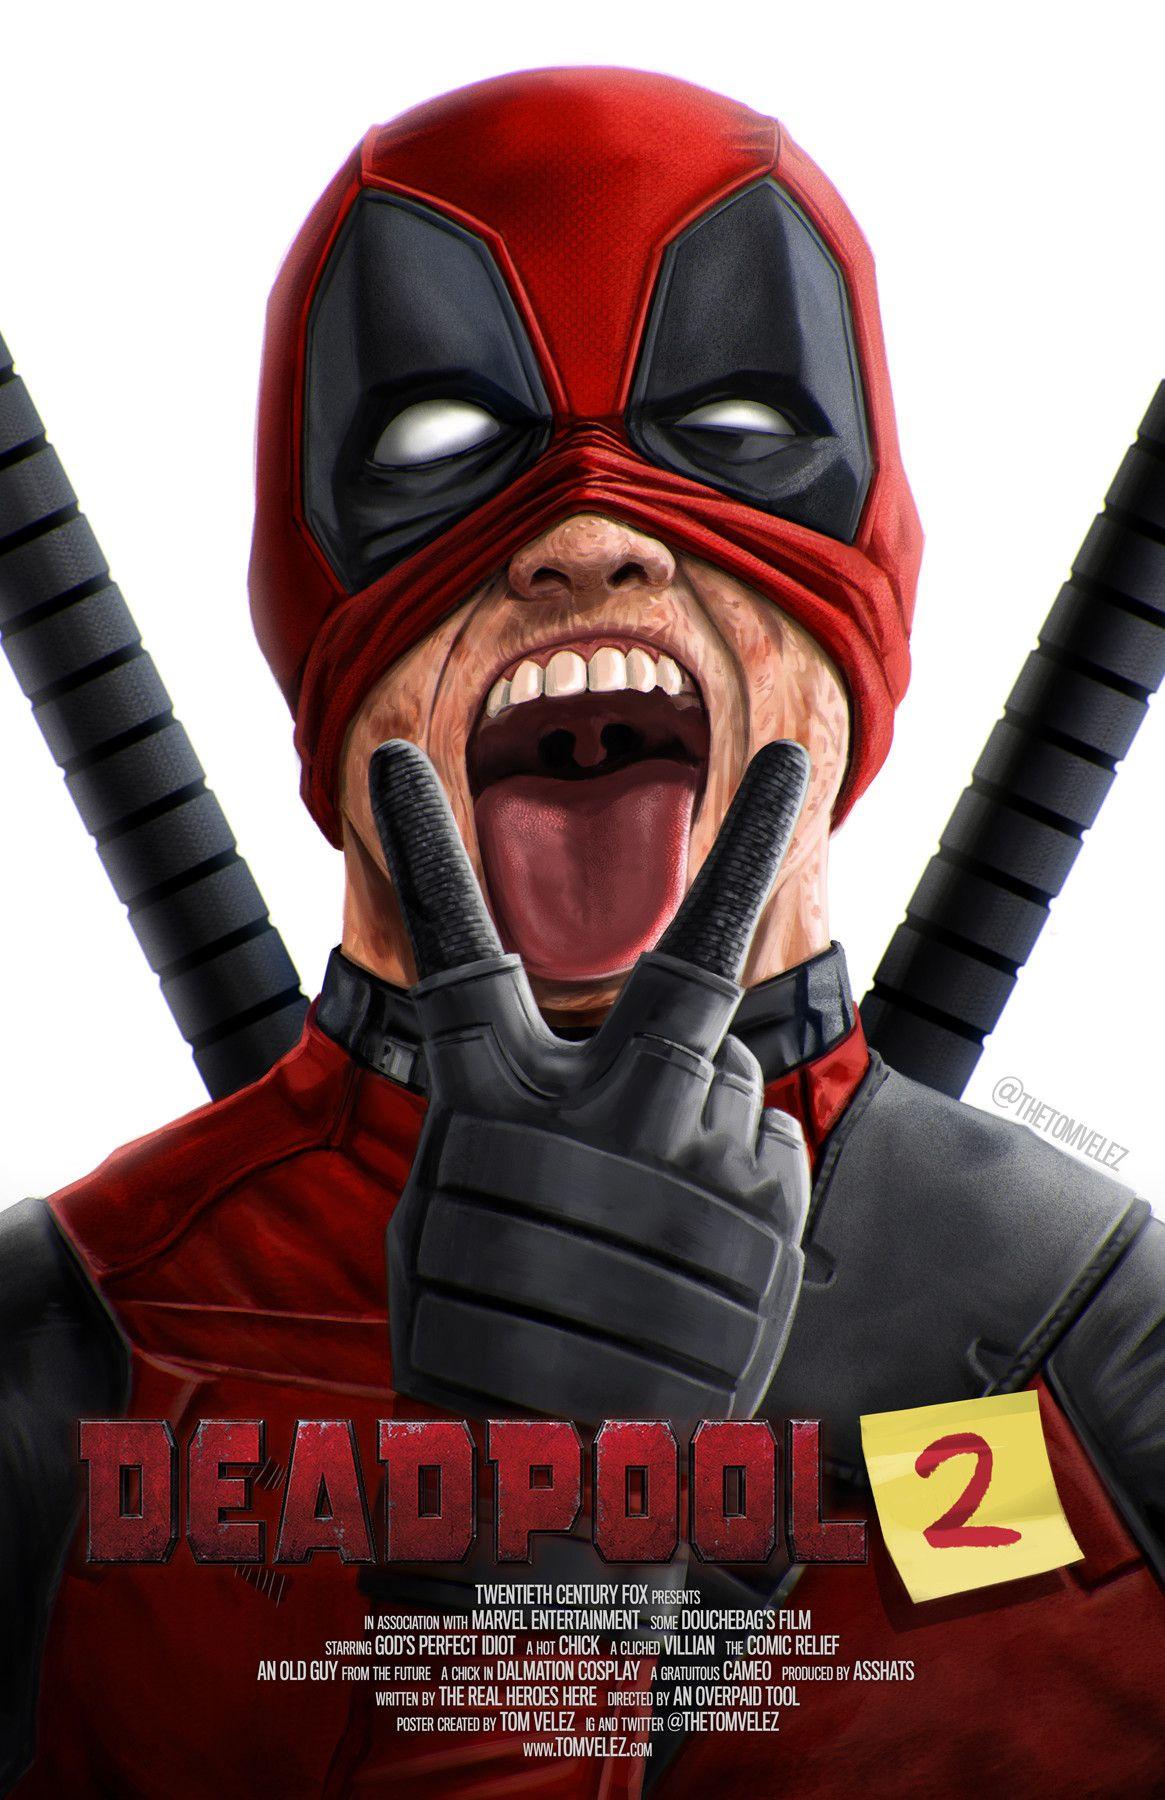 Deadpool 2 Tom Velez Deadpool Deadpool 2 Movie Deadpool Jokes